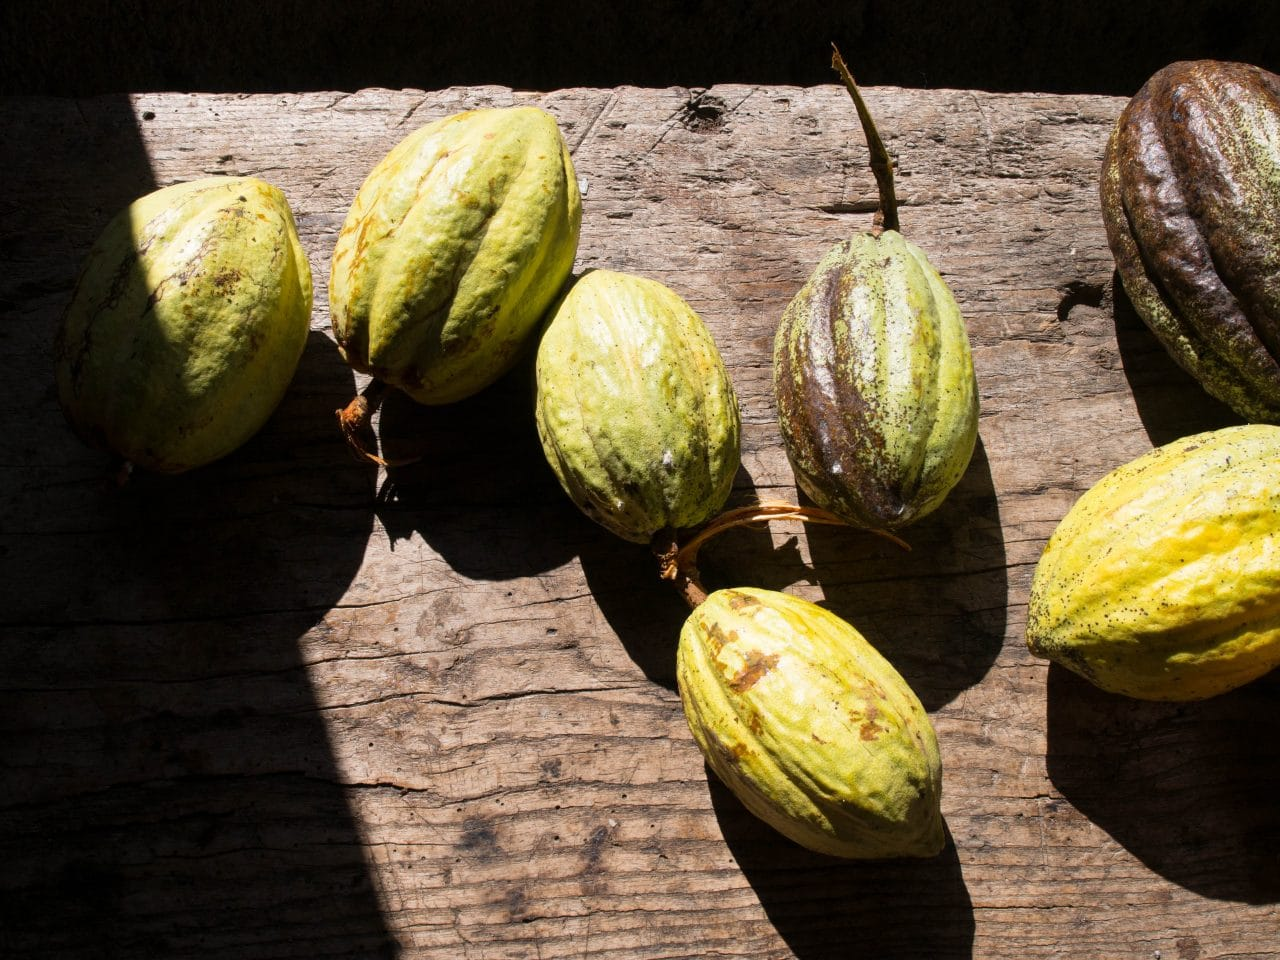 grivelière, café, cacao, vieux habitants, guadeloupe